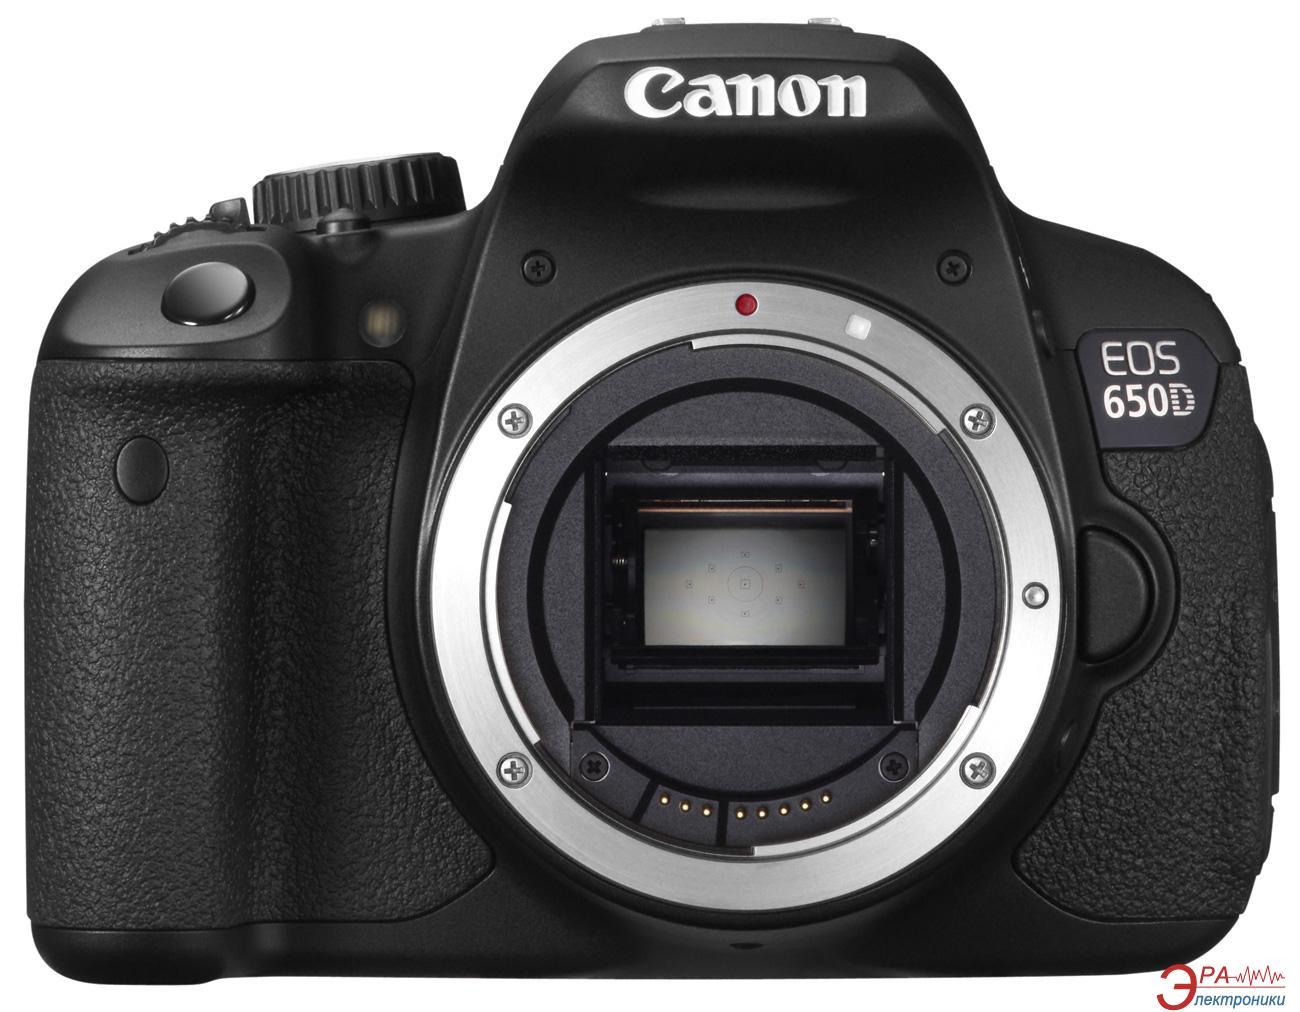 Зеркальная фотокамера Canon EOS 650D Body (6559B028) Black